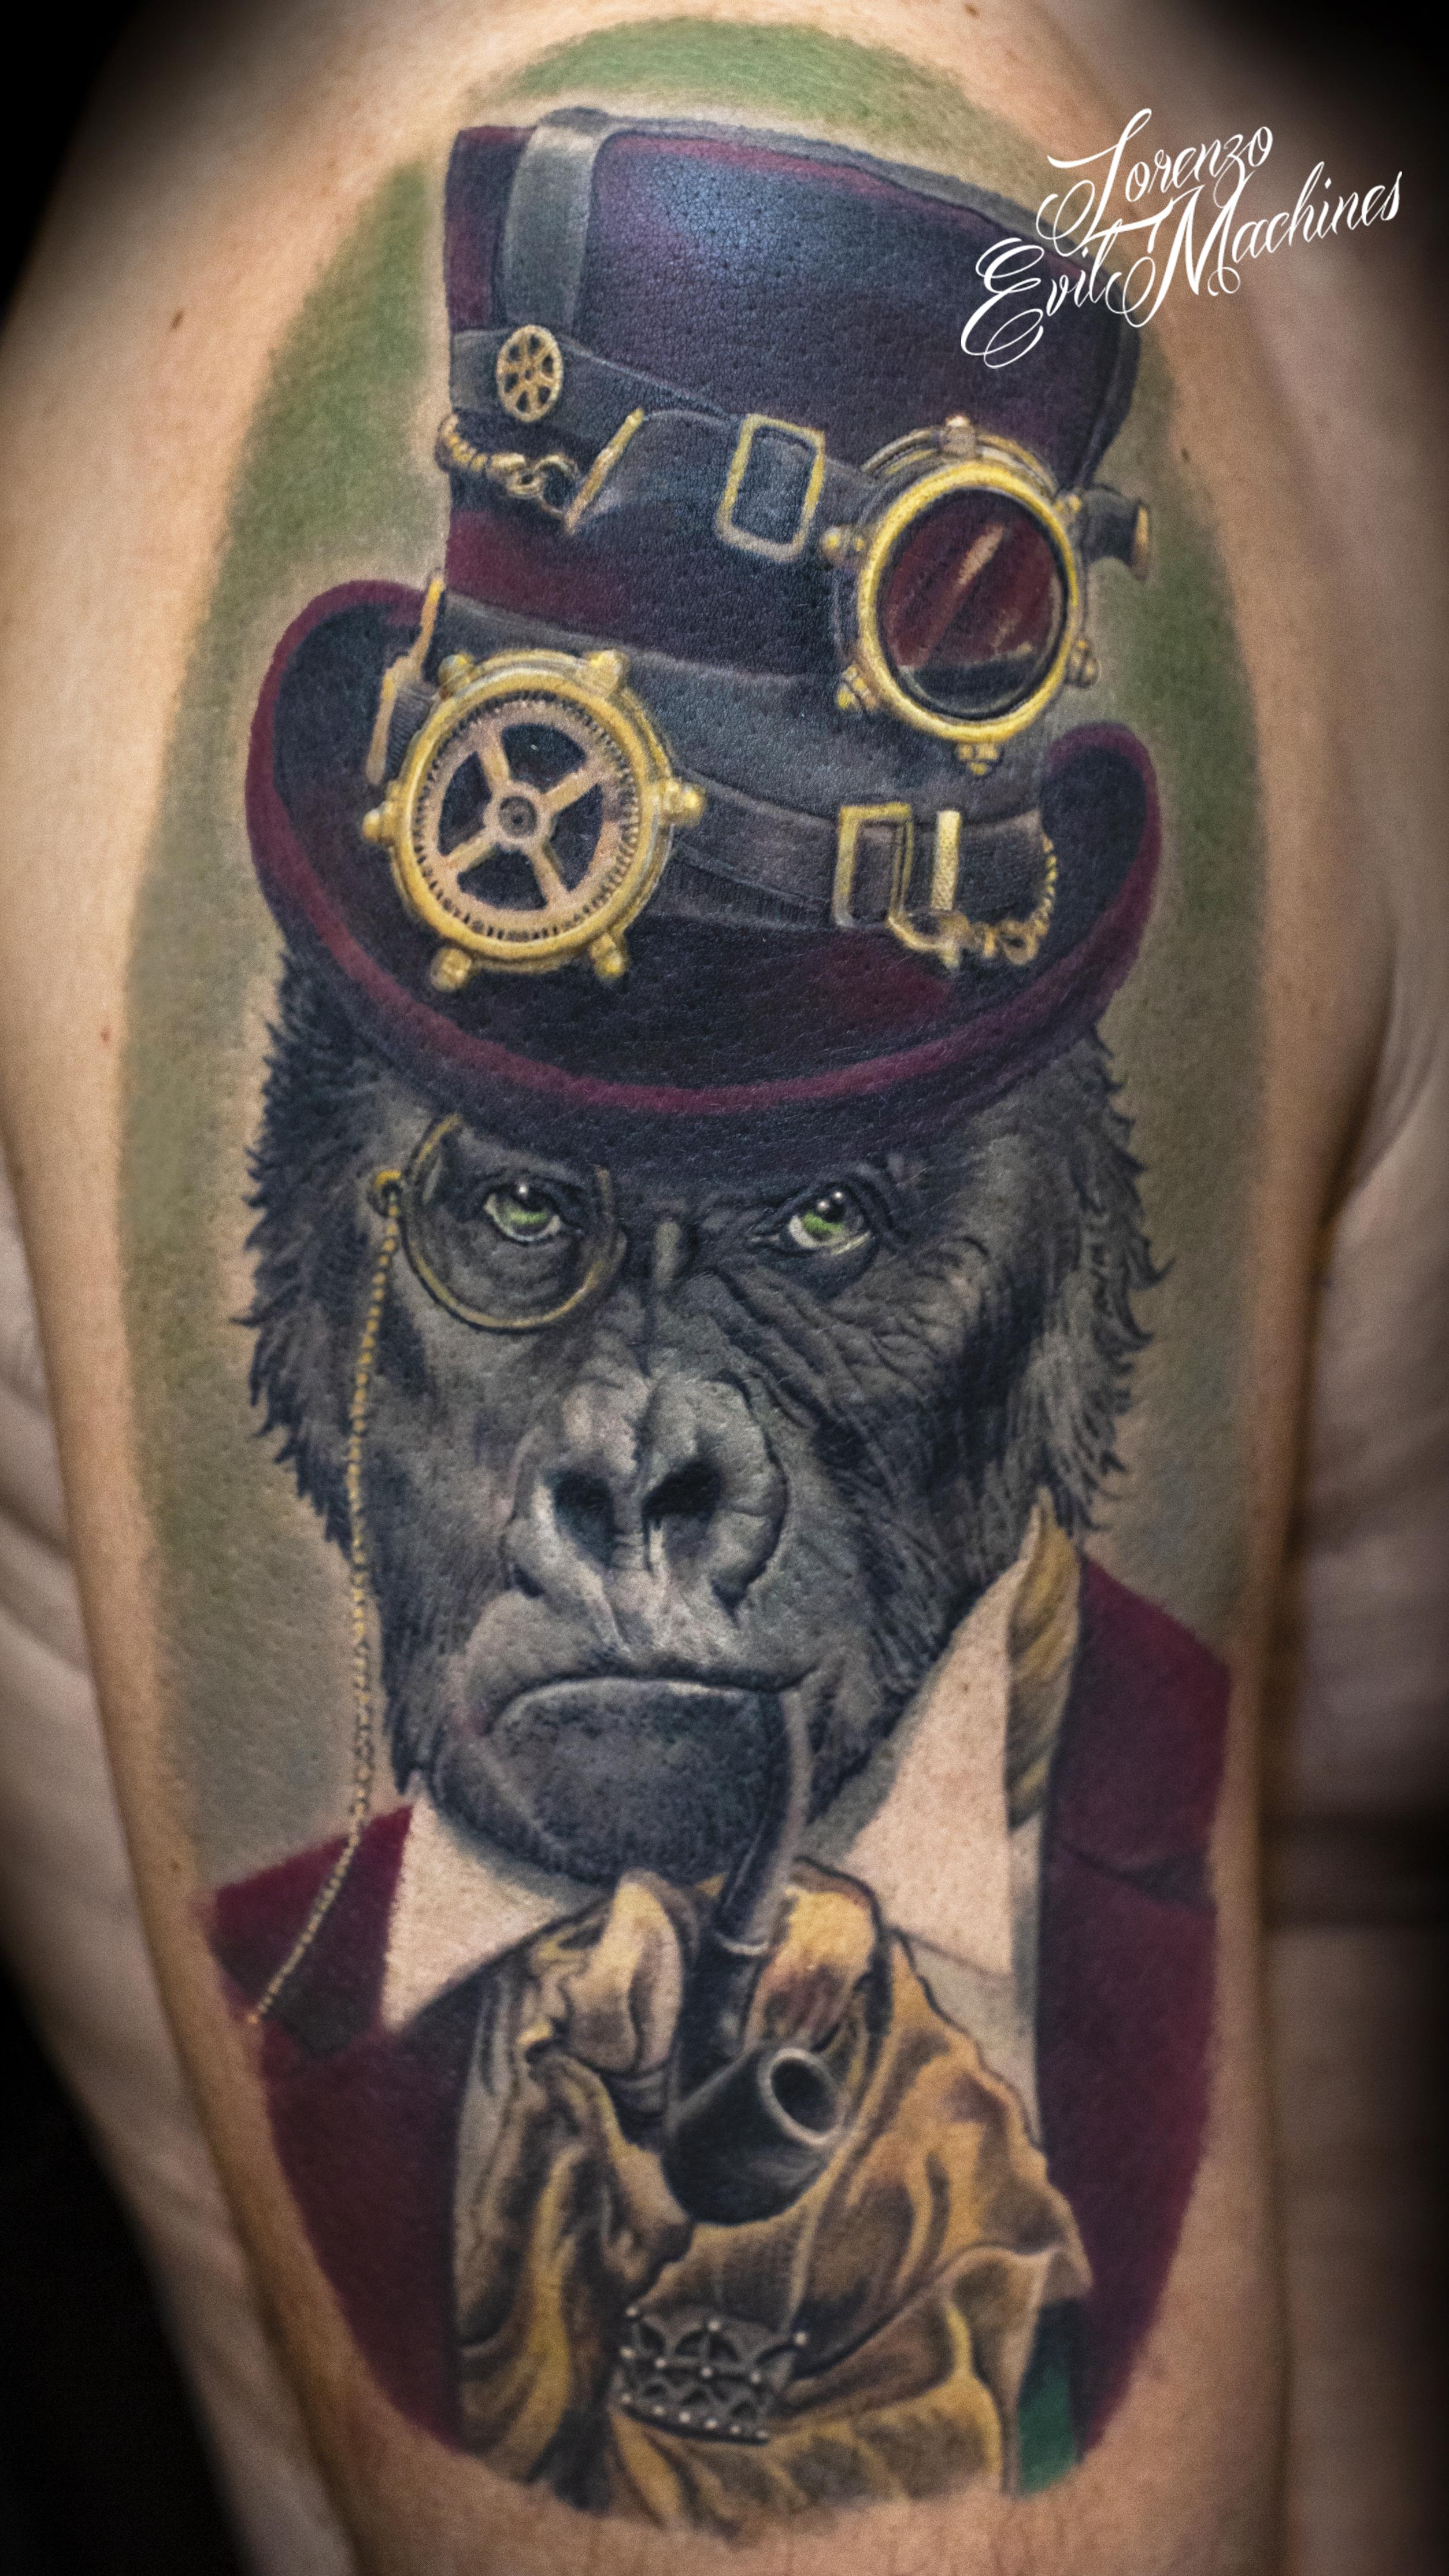 Gorilla_lord_steampunk_gentleman_Lorenzo_tatuatore_Evil_Machines_realistic_tattoo_tatuaggi_realistici_3d_Roma_miglior_migliore_ritratti_firma